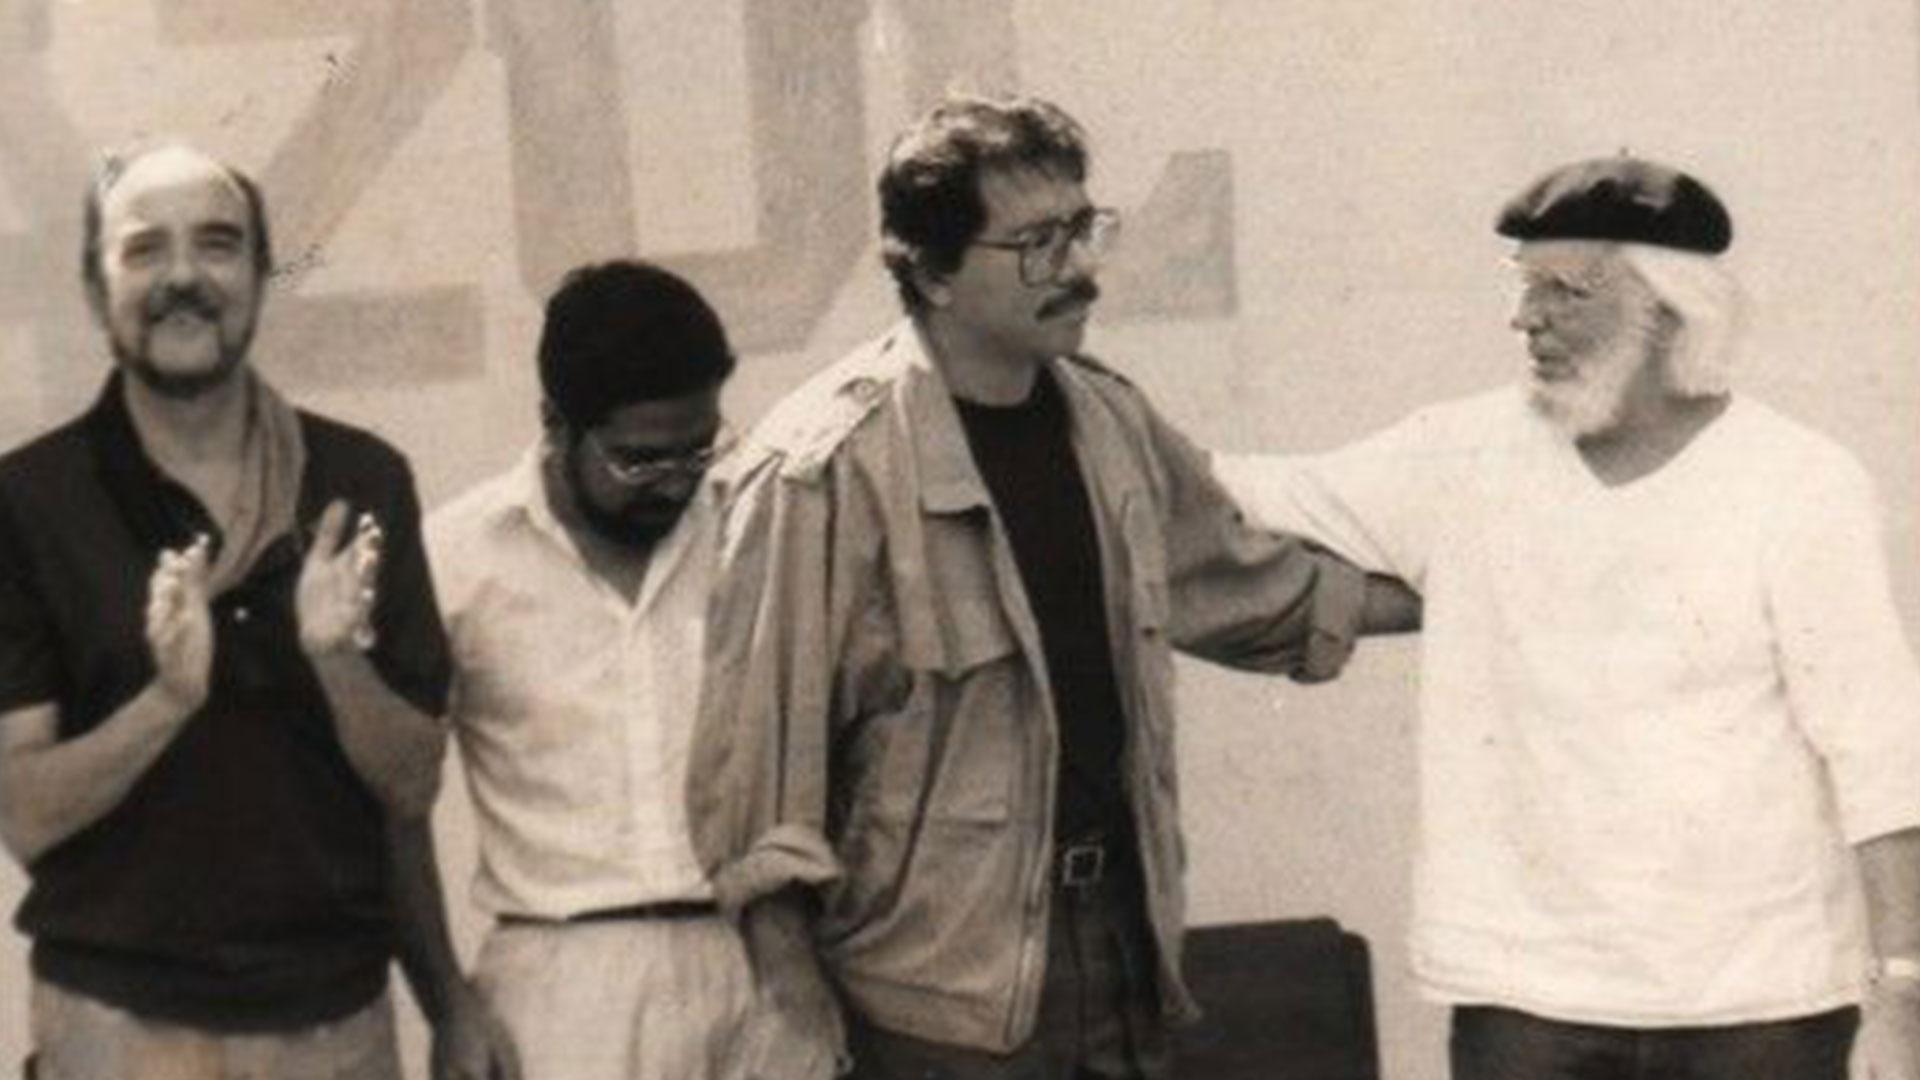 Ernesto Cardenal al lado de Daniel Ortega, en los primeros años del régimen sandinista. (Foto: Archivo Infobae)